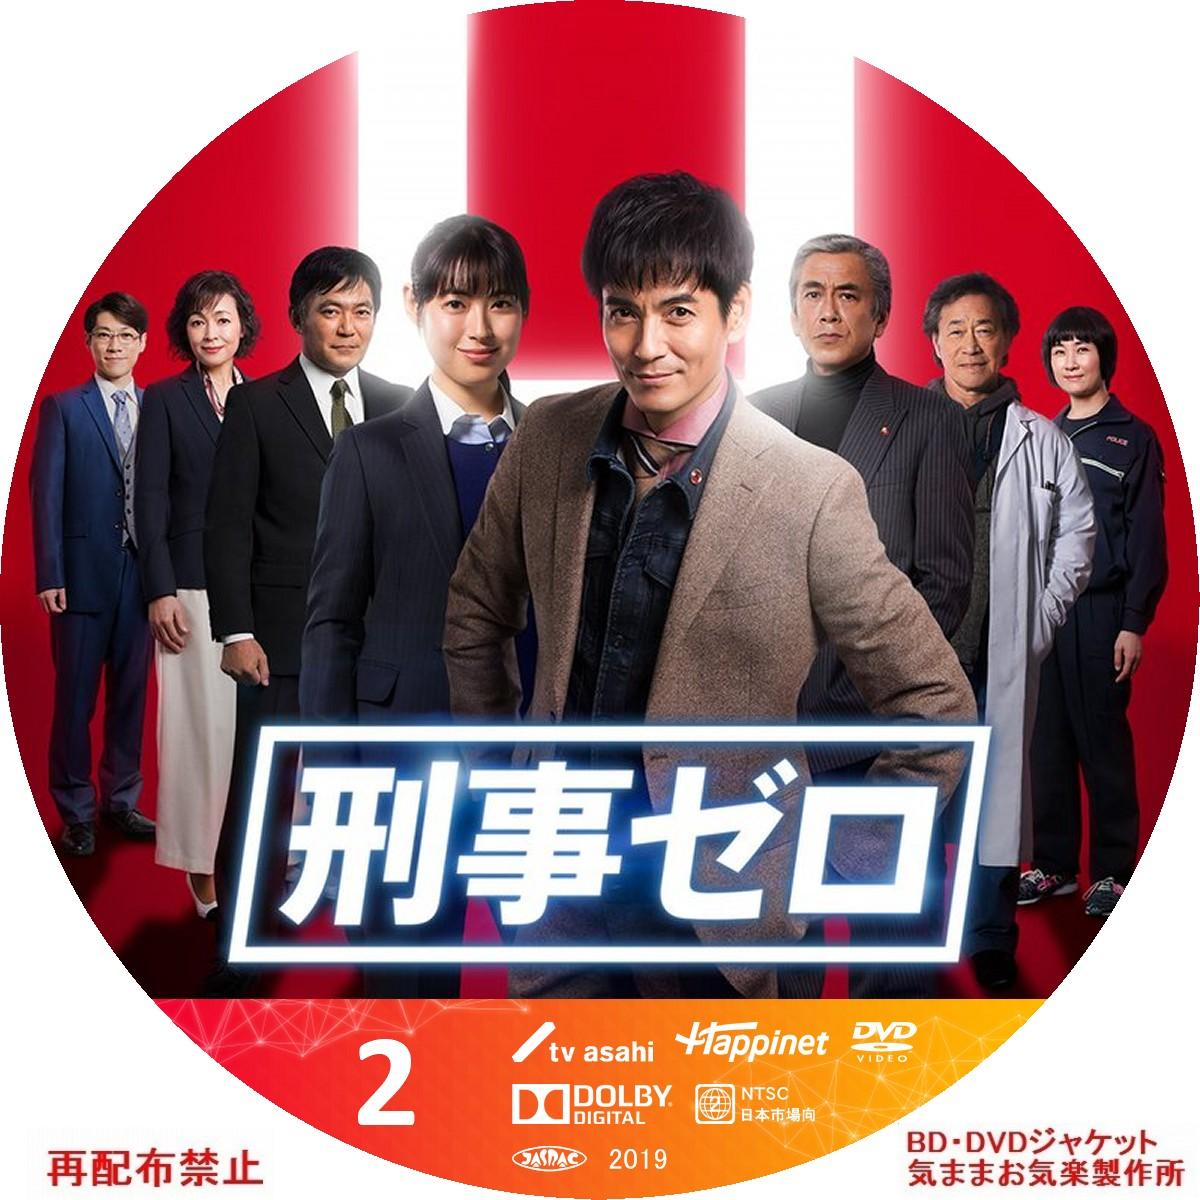 keiji_0_DVD02.jpg